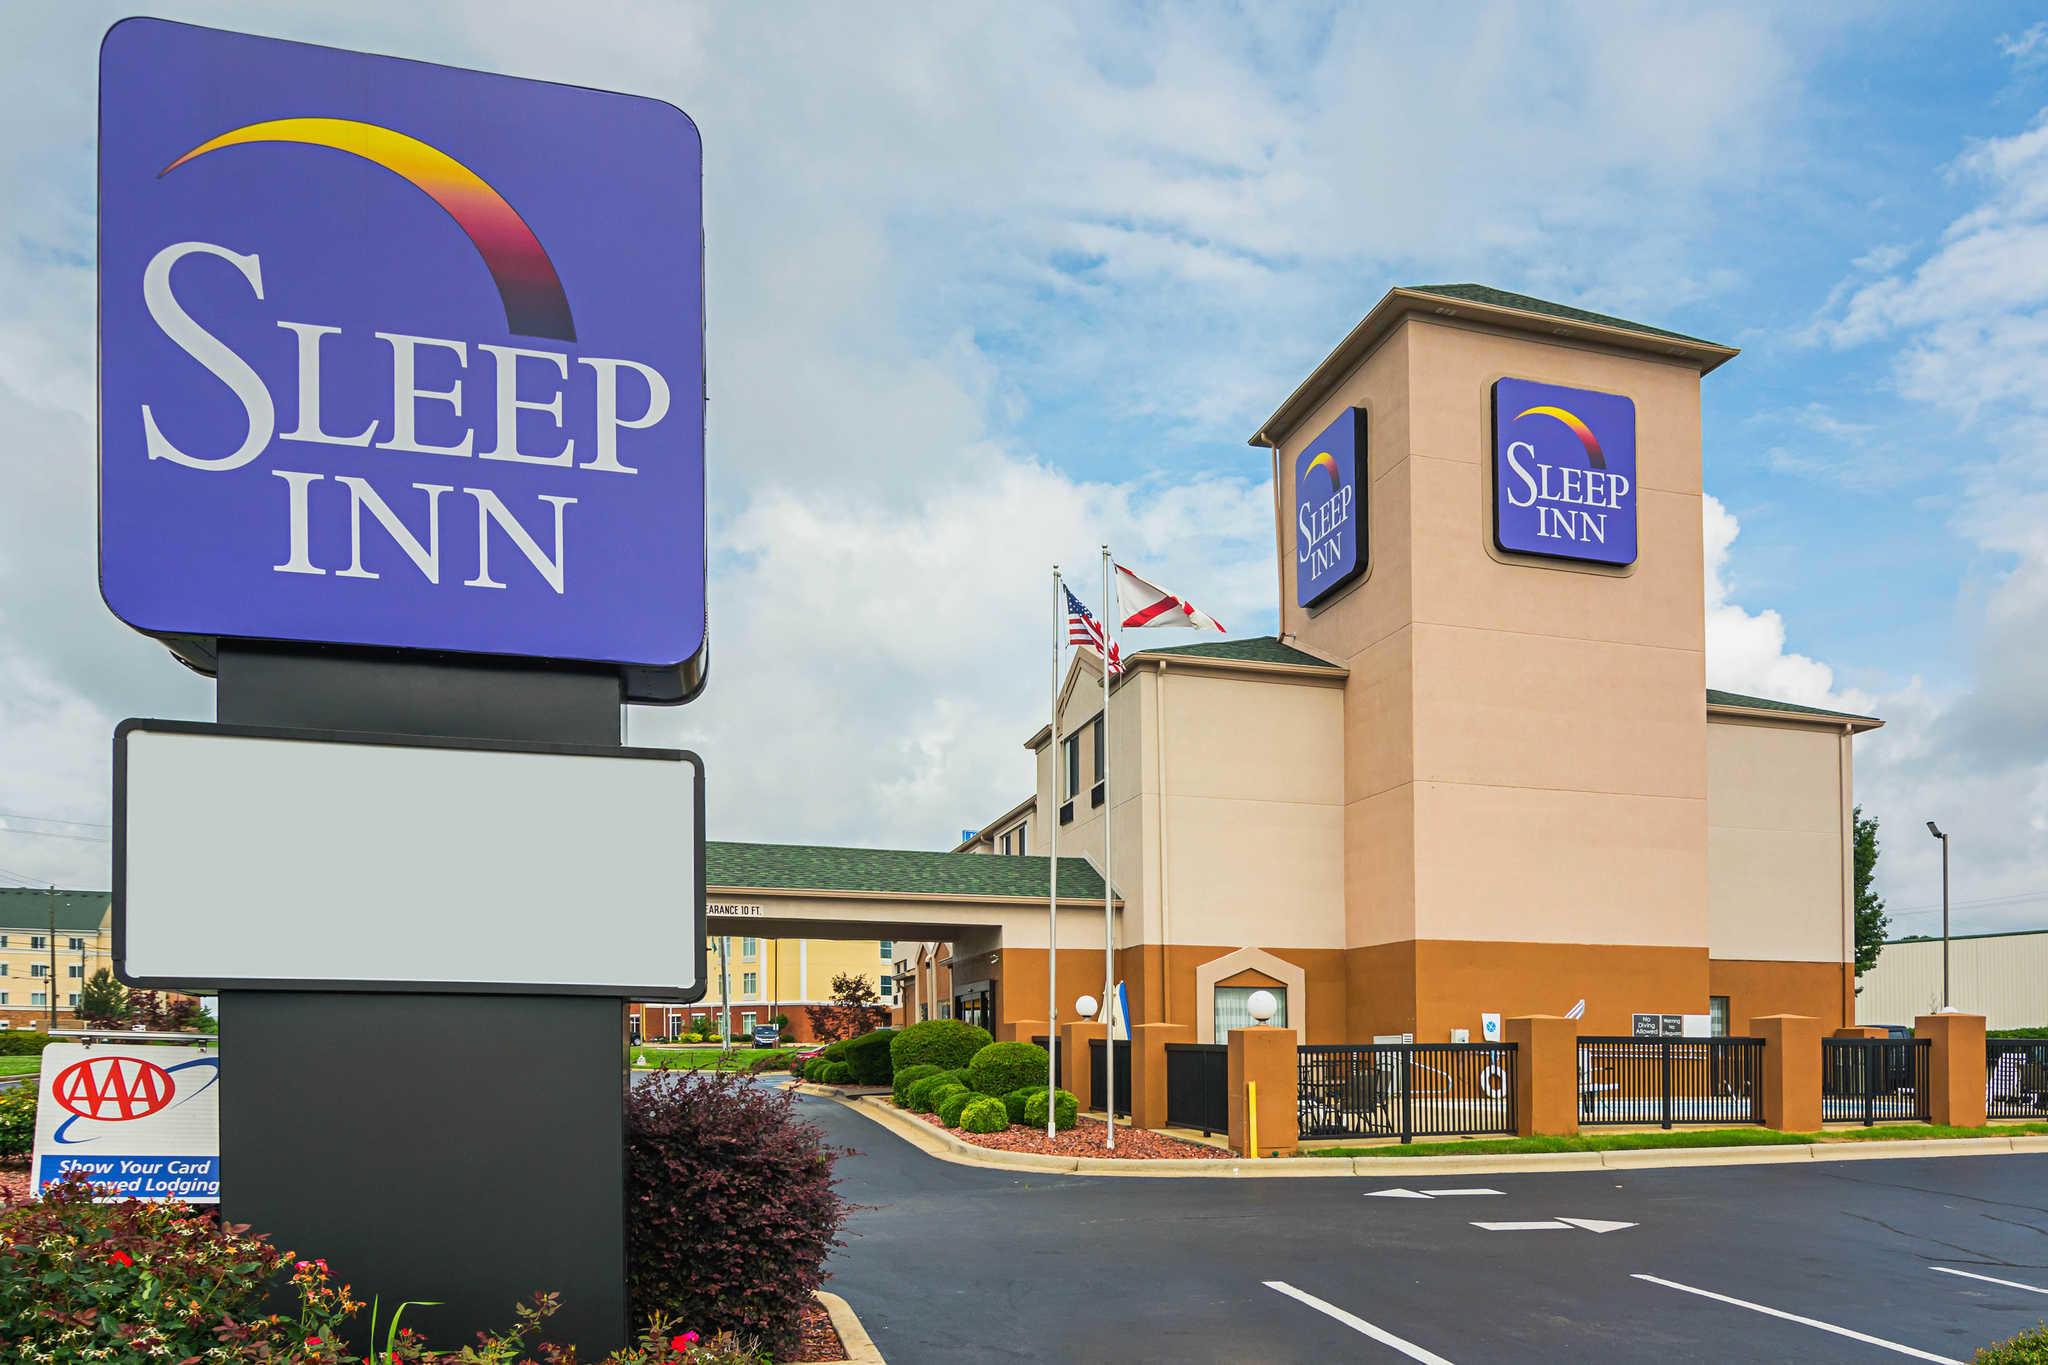 Sleep Inn image 3